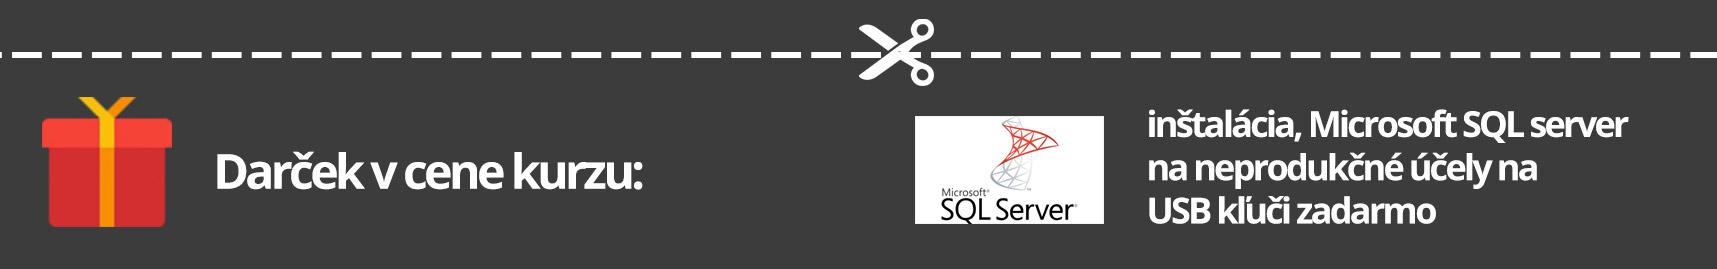 Darček ku kurzu zadarmo, Inštalácia Microsoft SQL